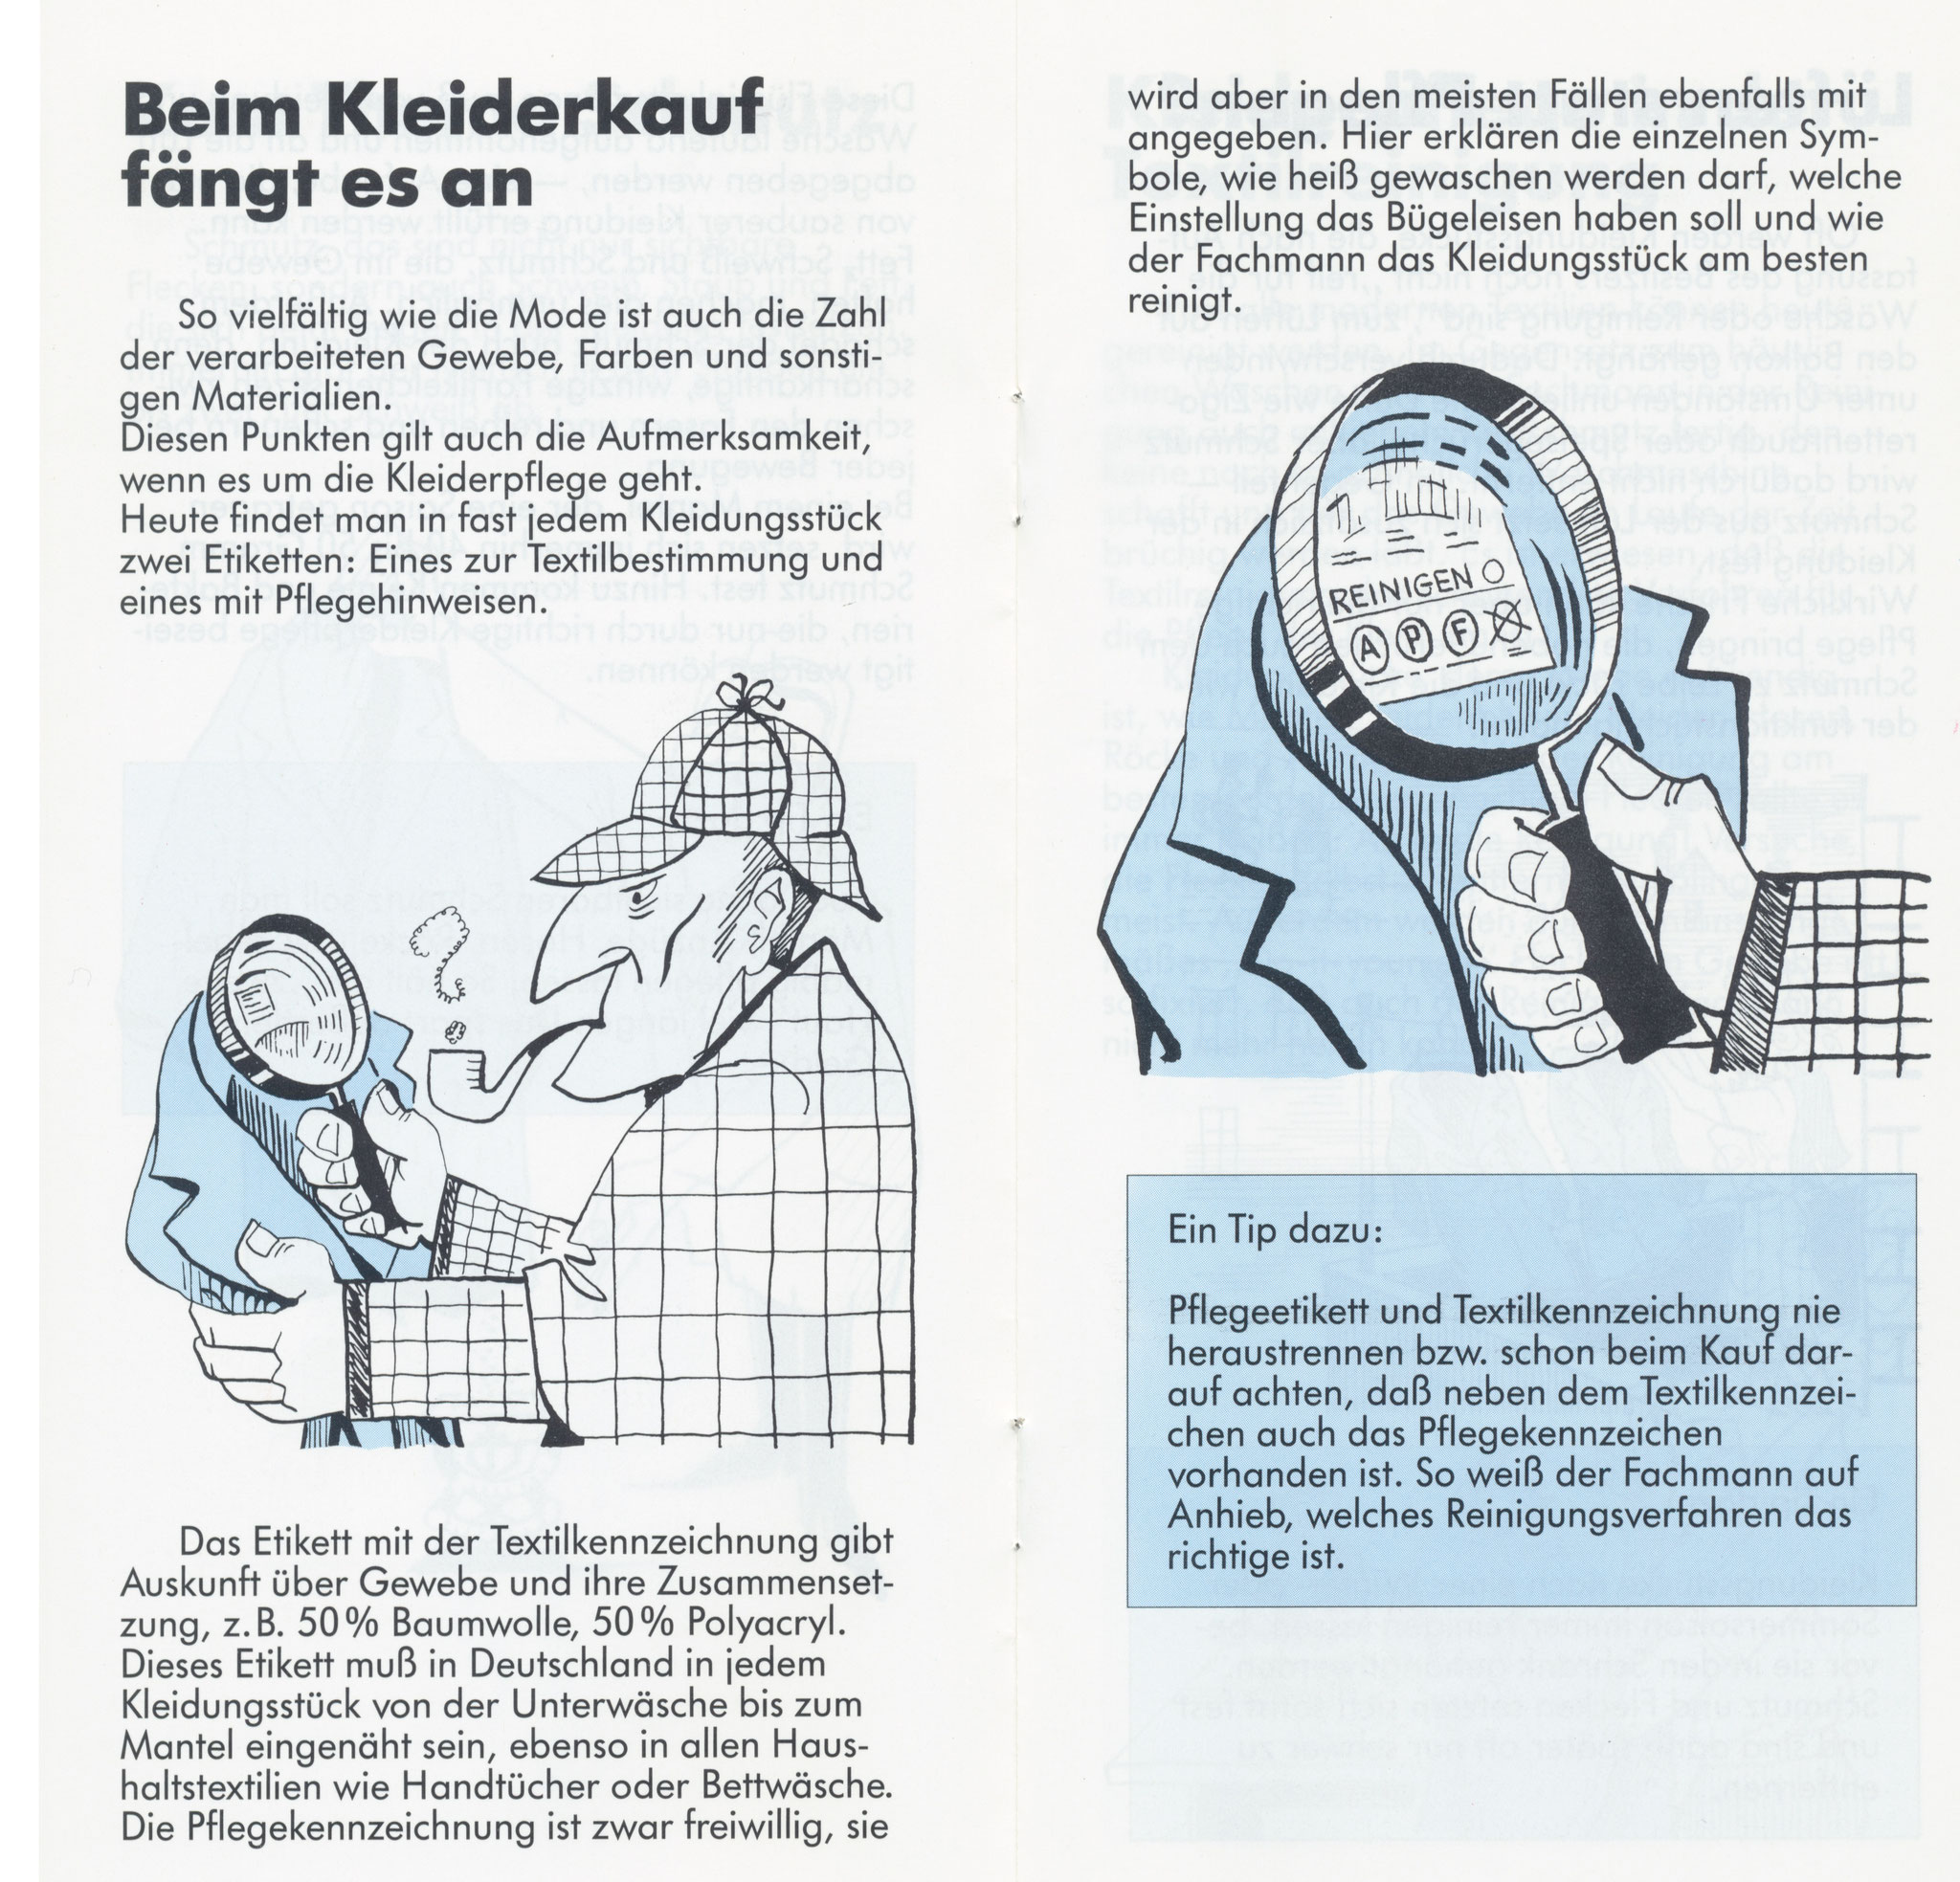 1980 Müden Arbeitskreis Textilreinigung:  Seite 4, Kleiderkauf